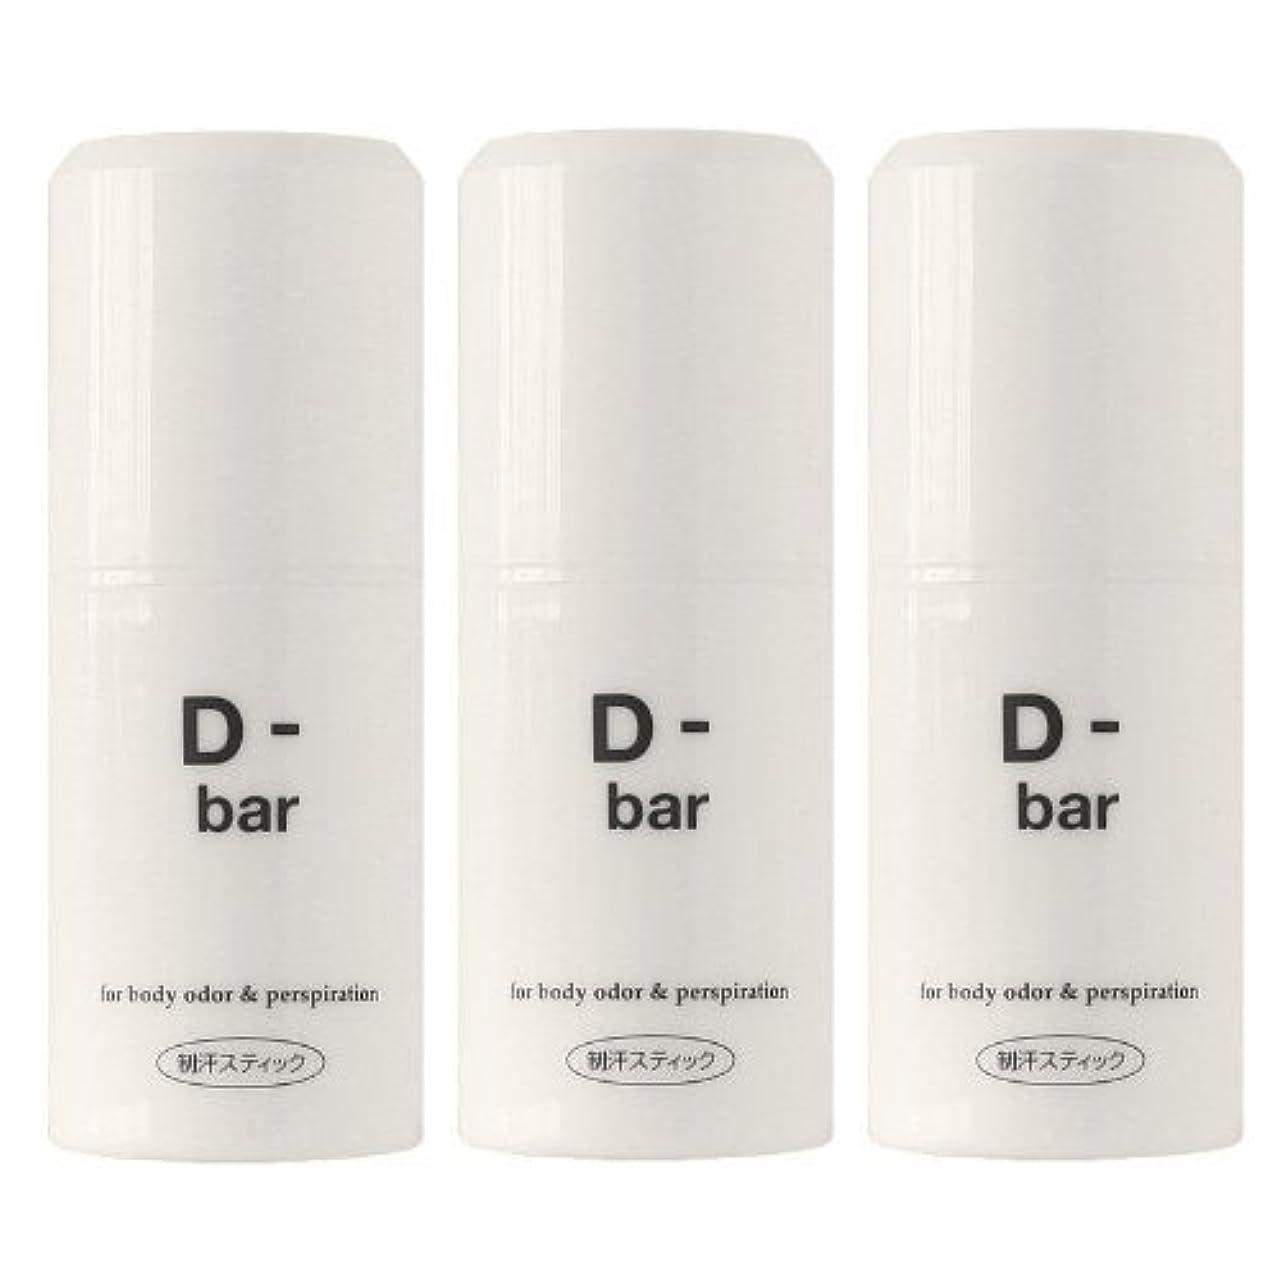 時代遅れ犯人すなわちディーバー(D-bar) 3本セット